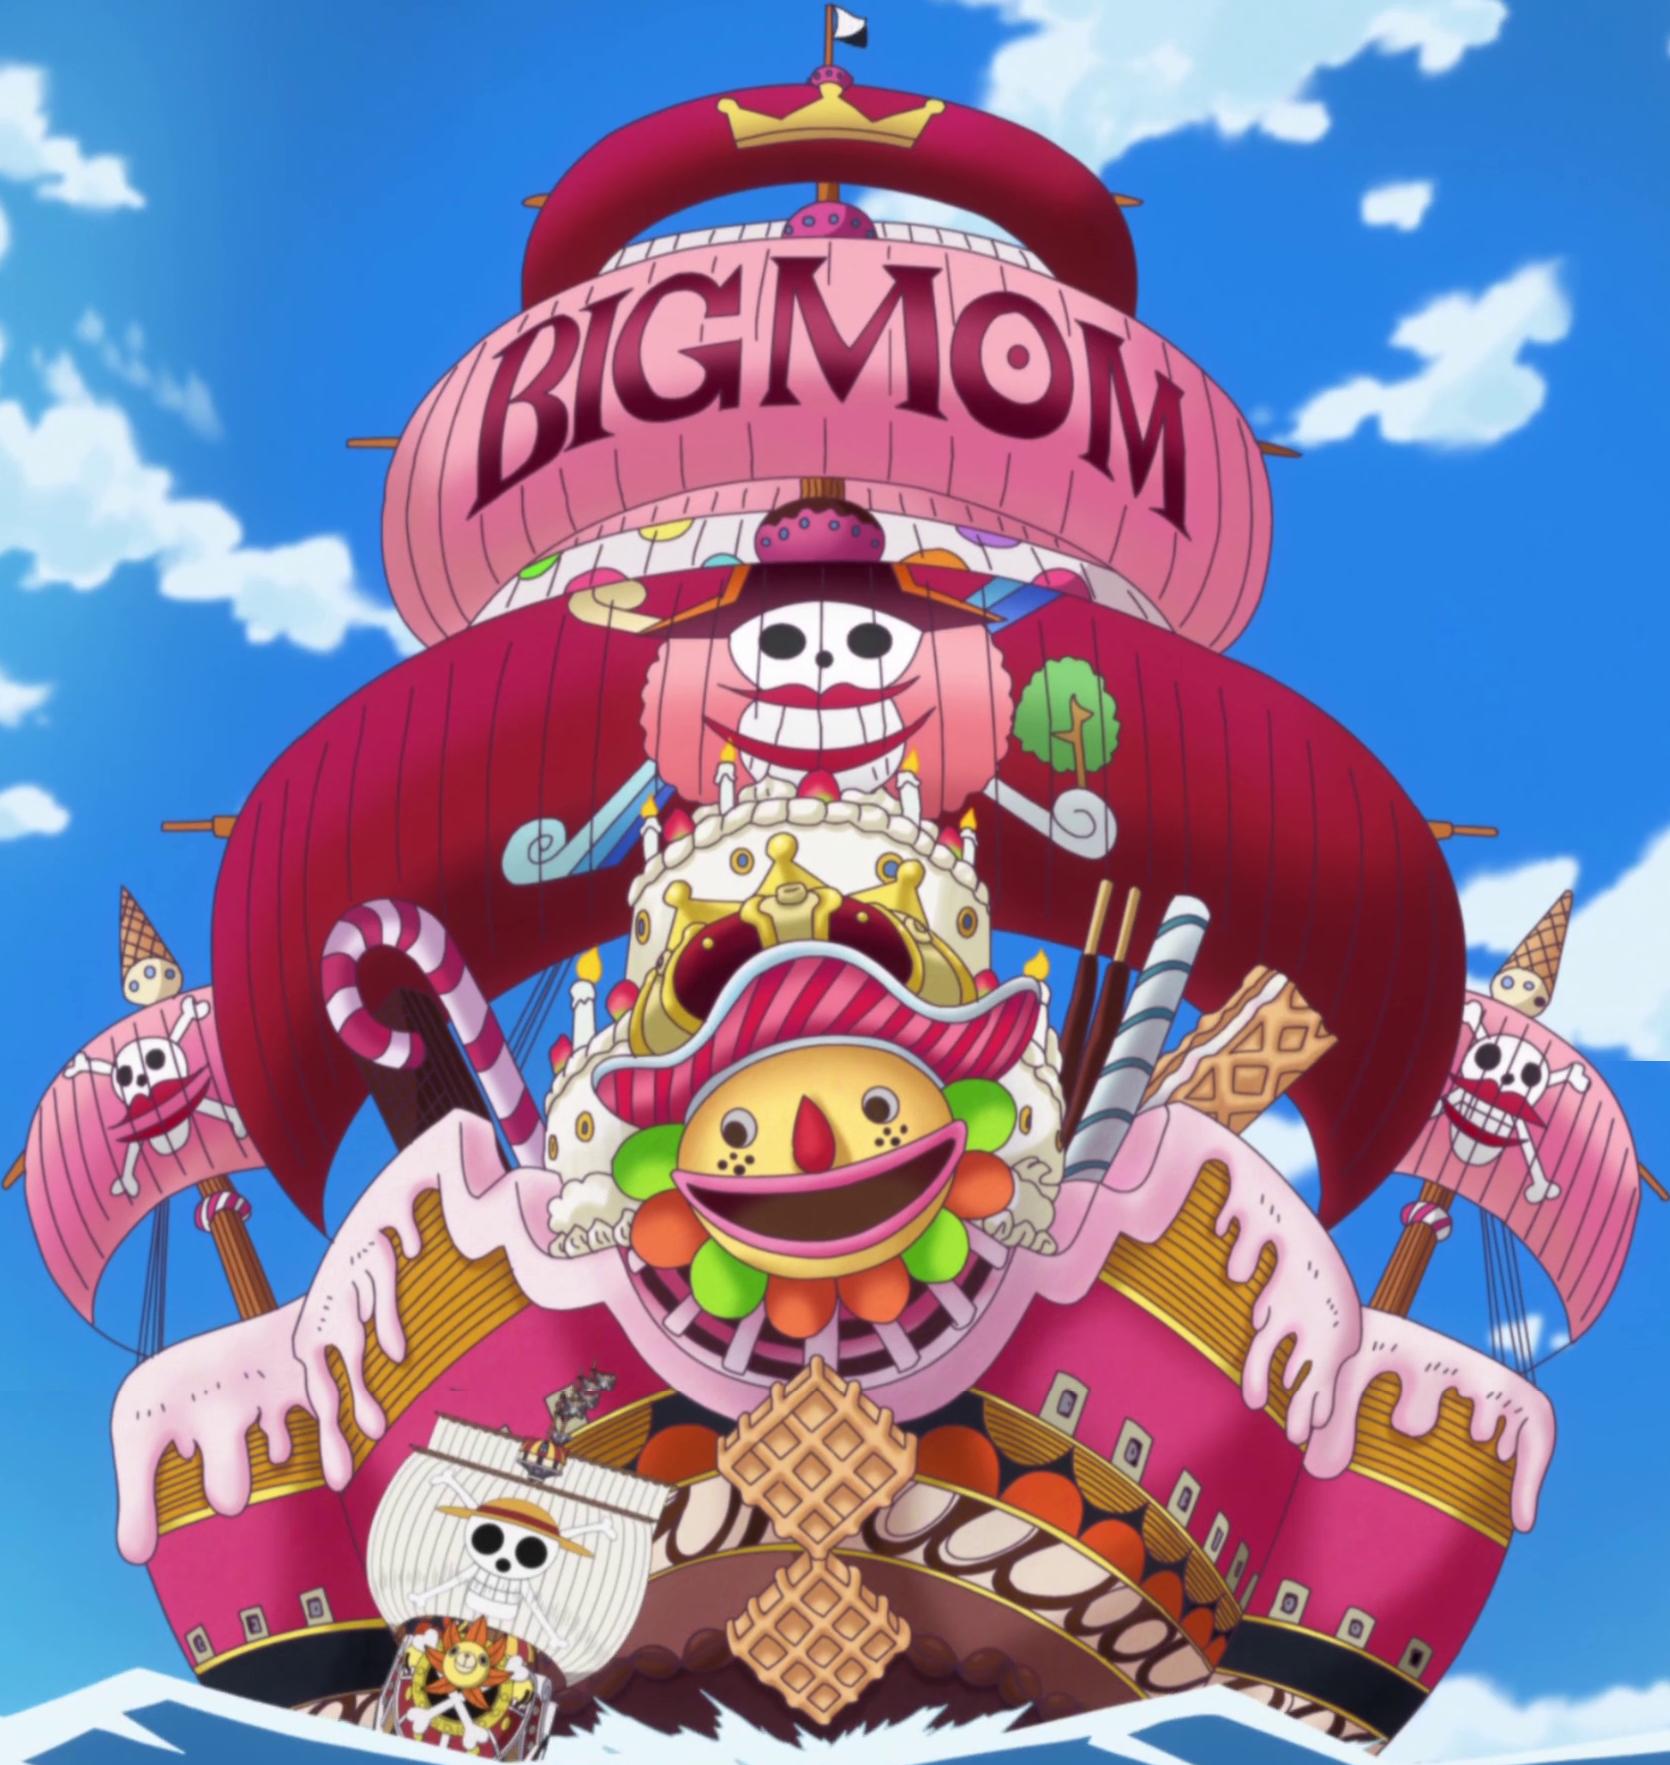 Piratas da Big Mom | One Piece Wiki | FANDOM powered by Wikia